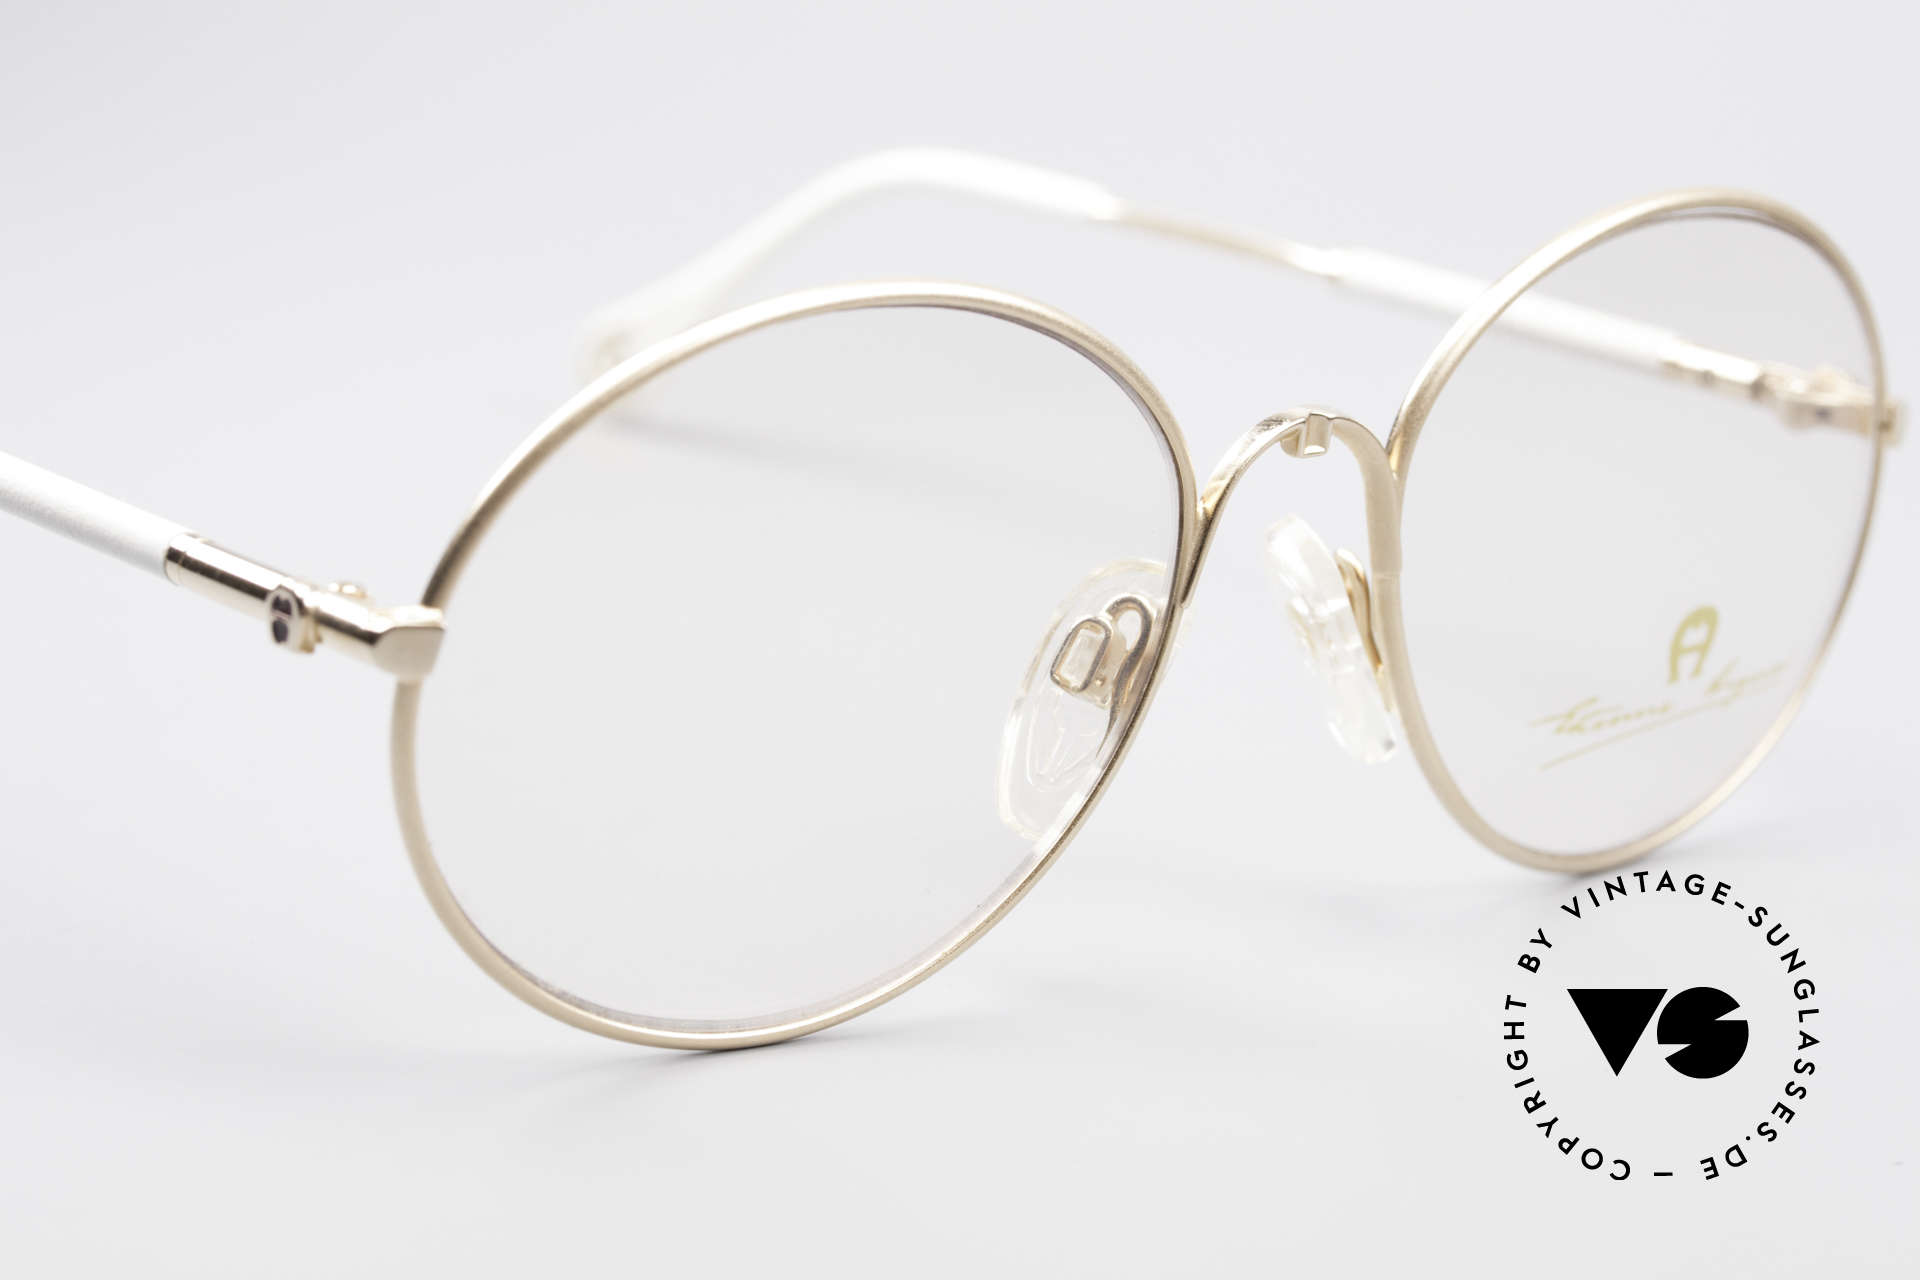 Aigner EA13 Kleine Runde 80er Brille, ungetragen (wie alle unsere vintage Aigner Brillen), Passend für Damen